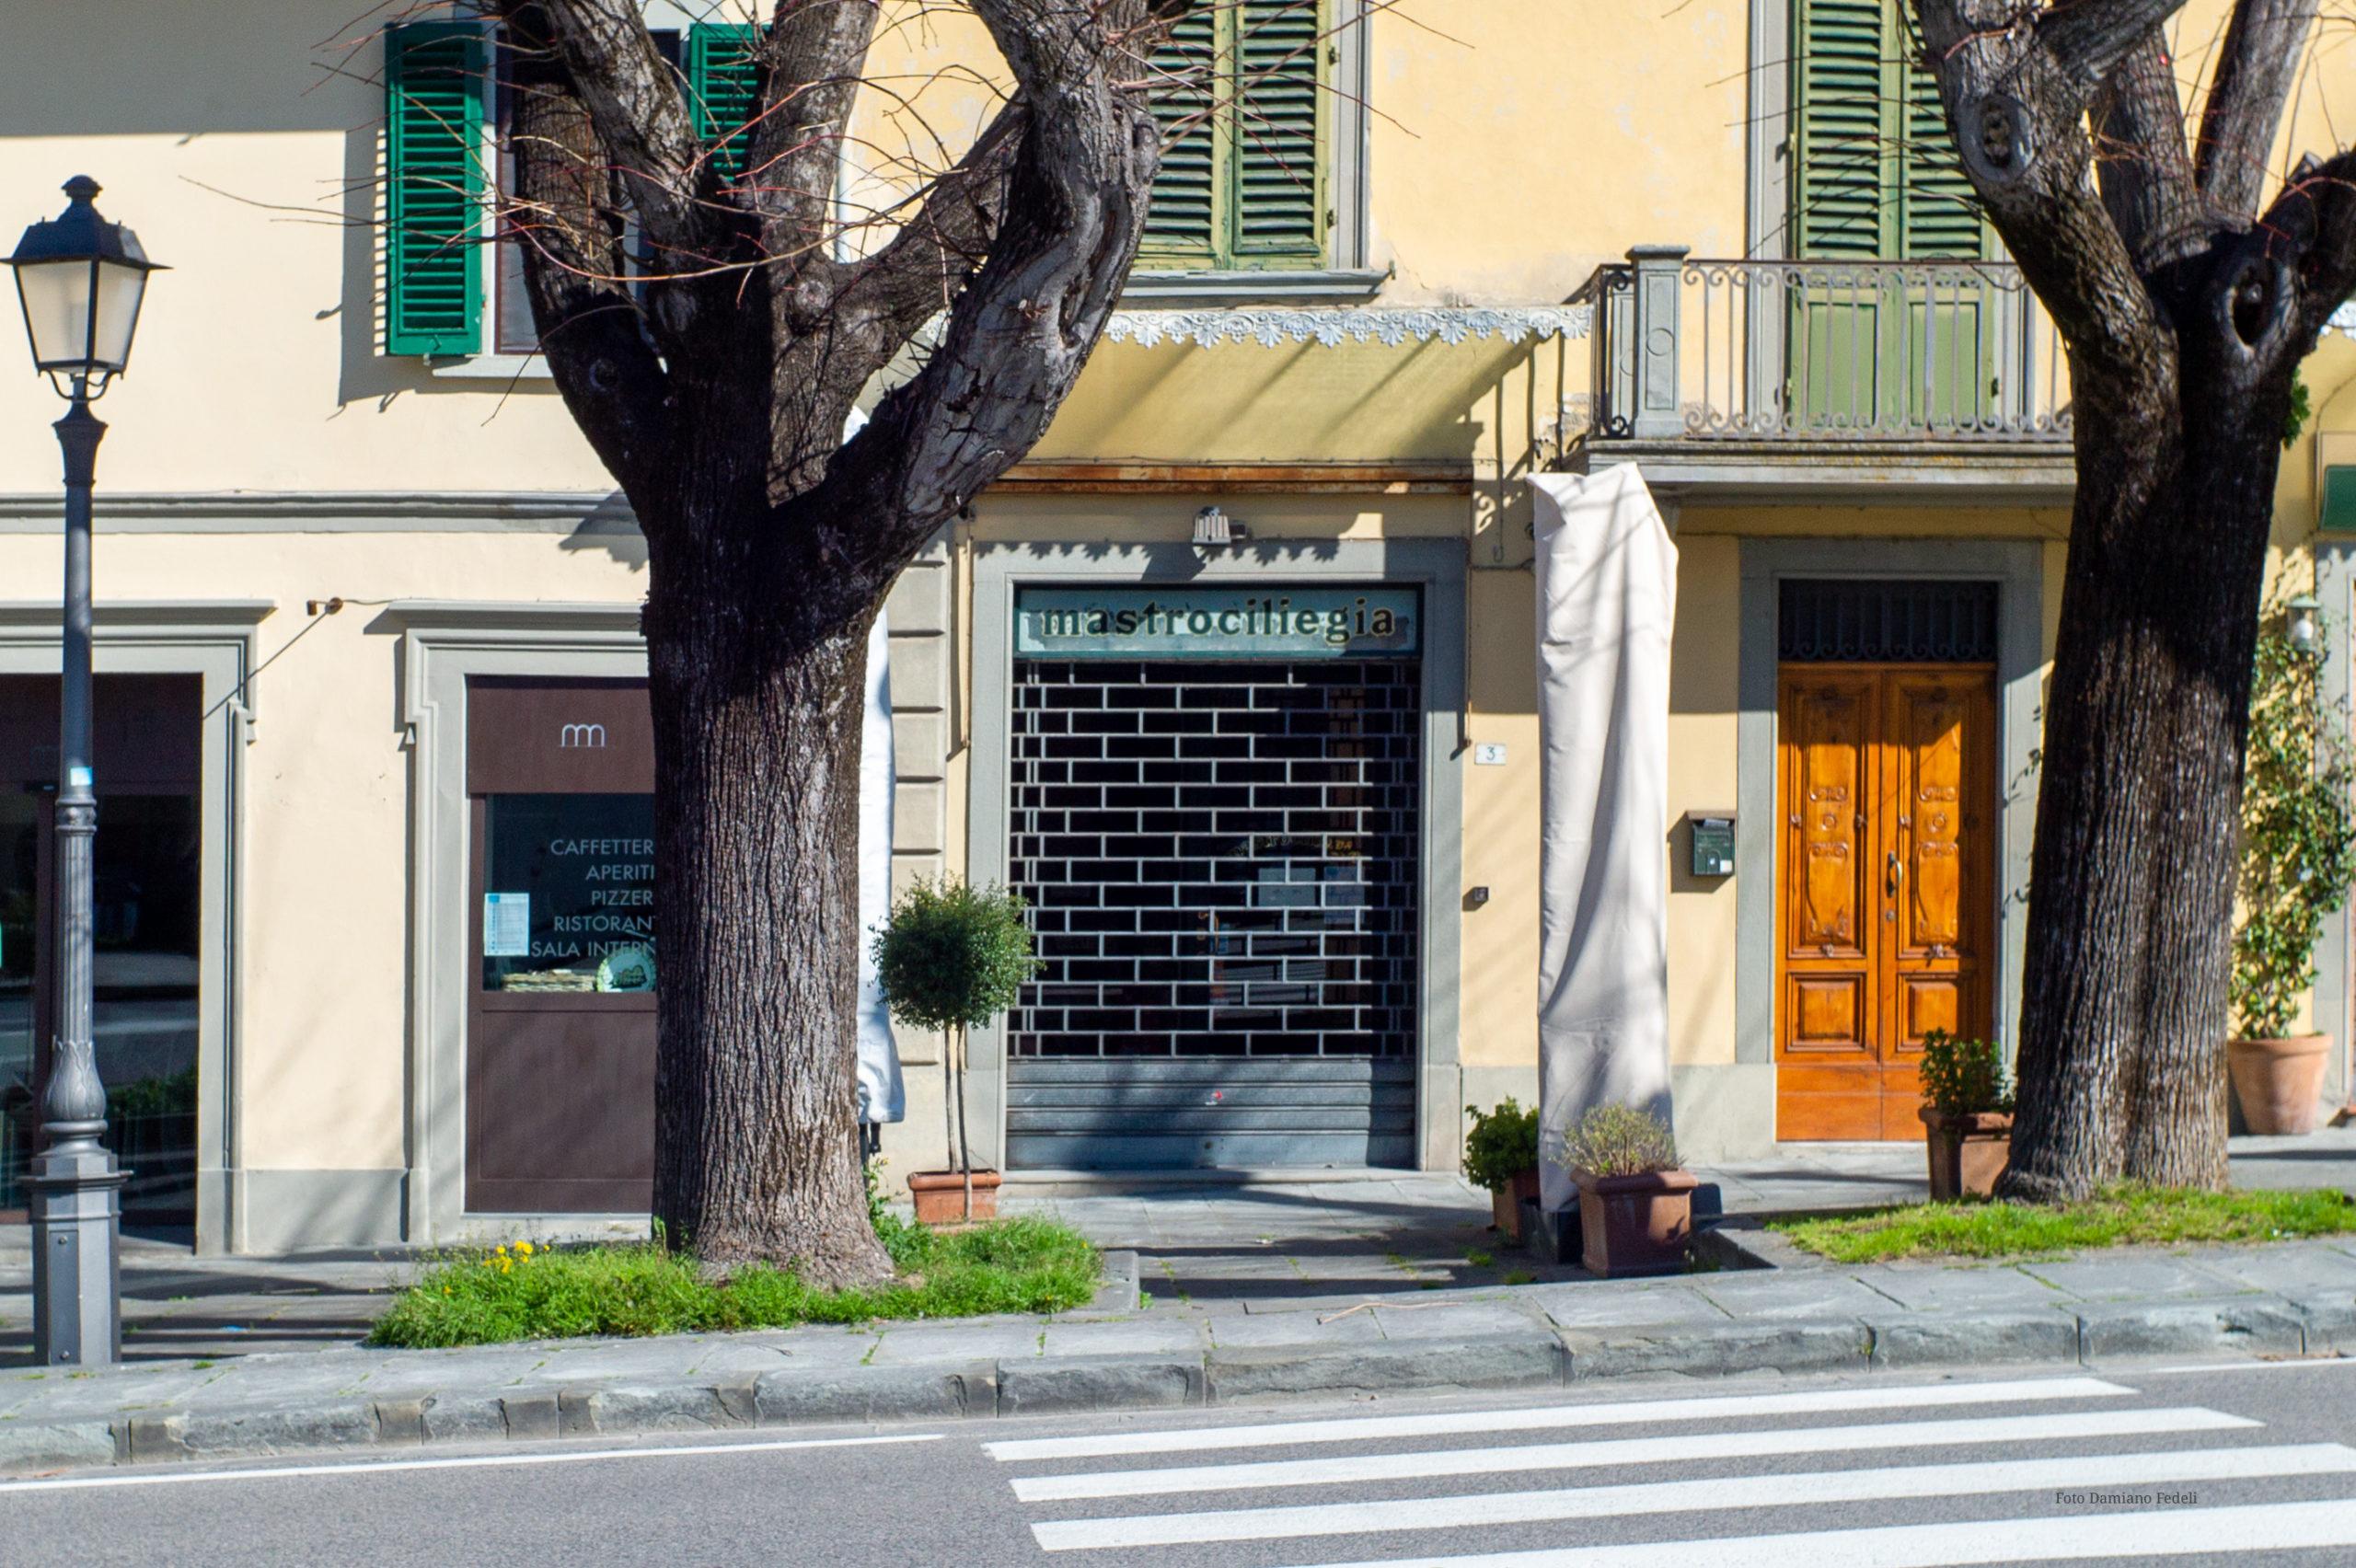 Vietati gli spostamenti di comune, bar e ristoranti chiusi (tranne che per l'asporto): la Toscana è zona arancione